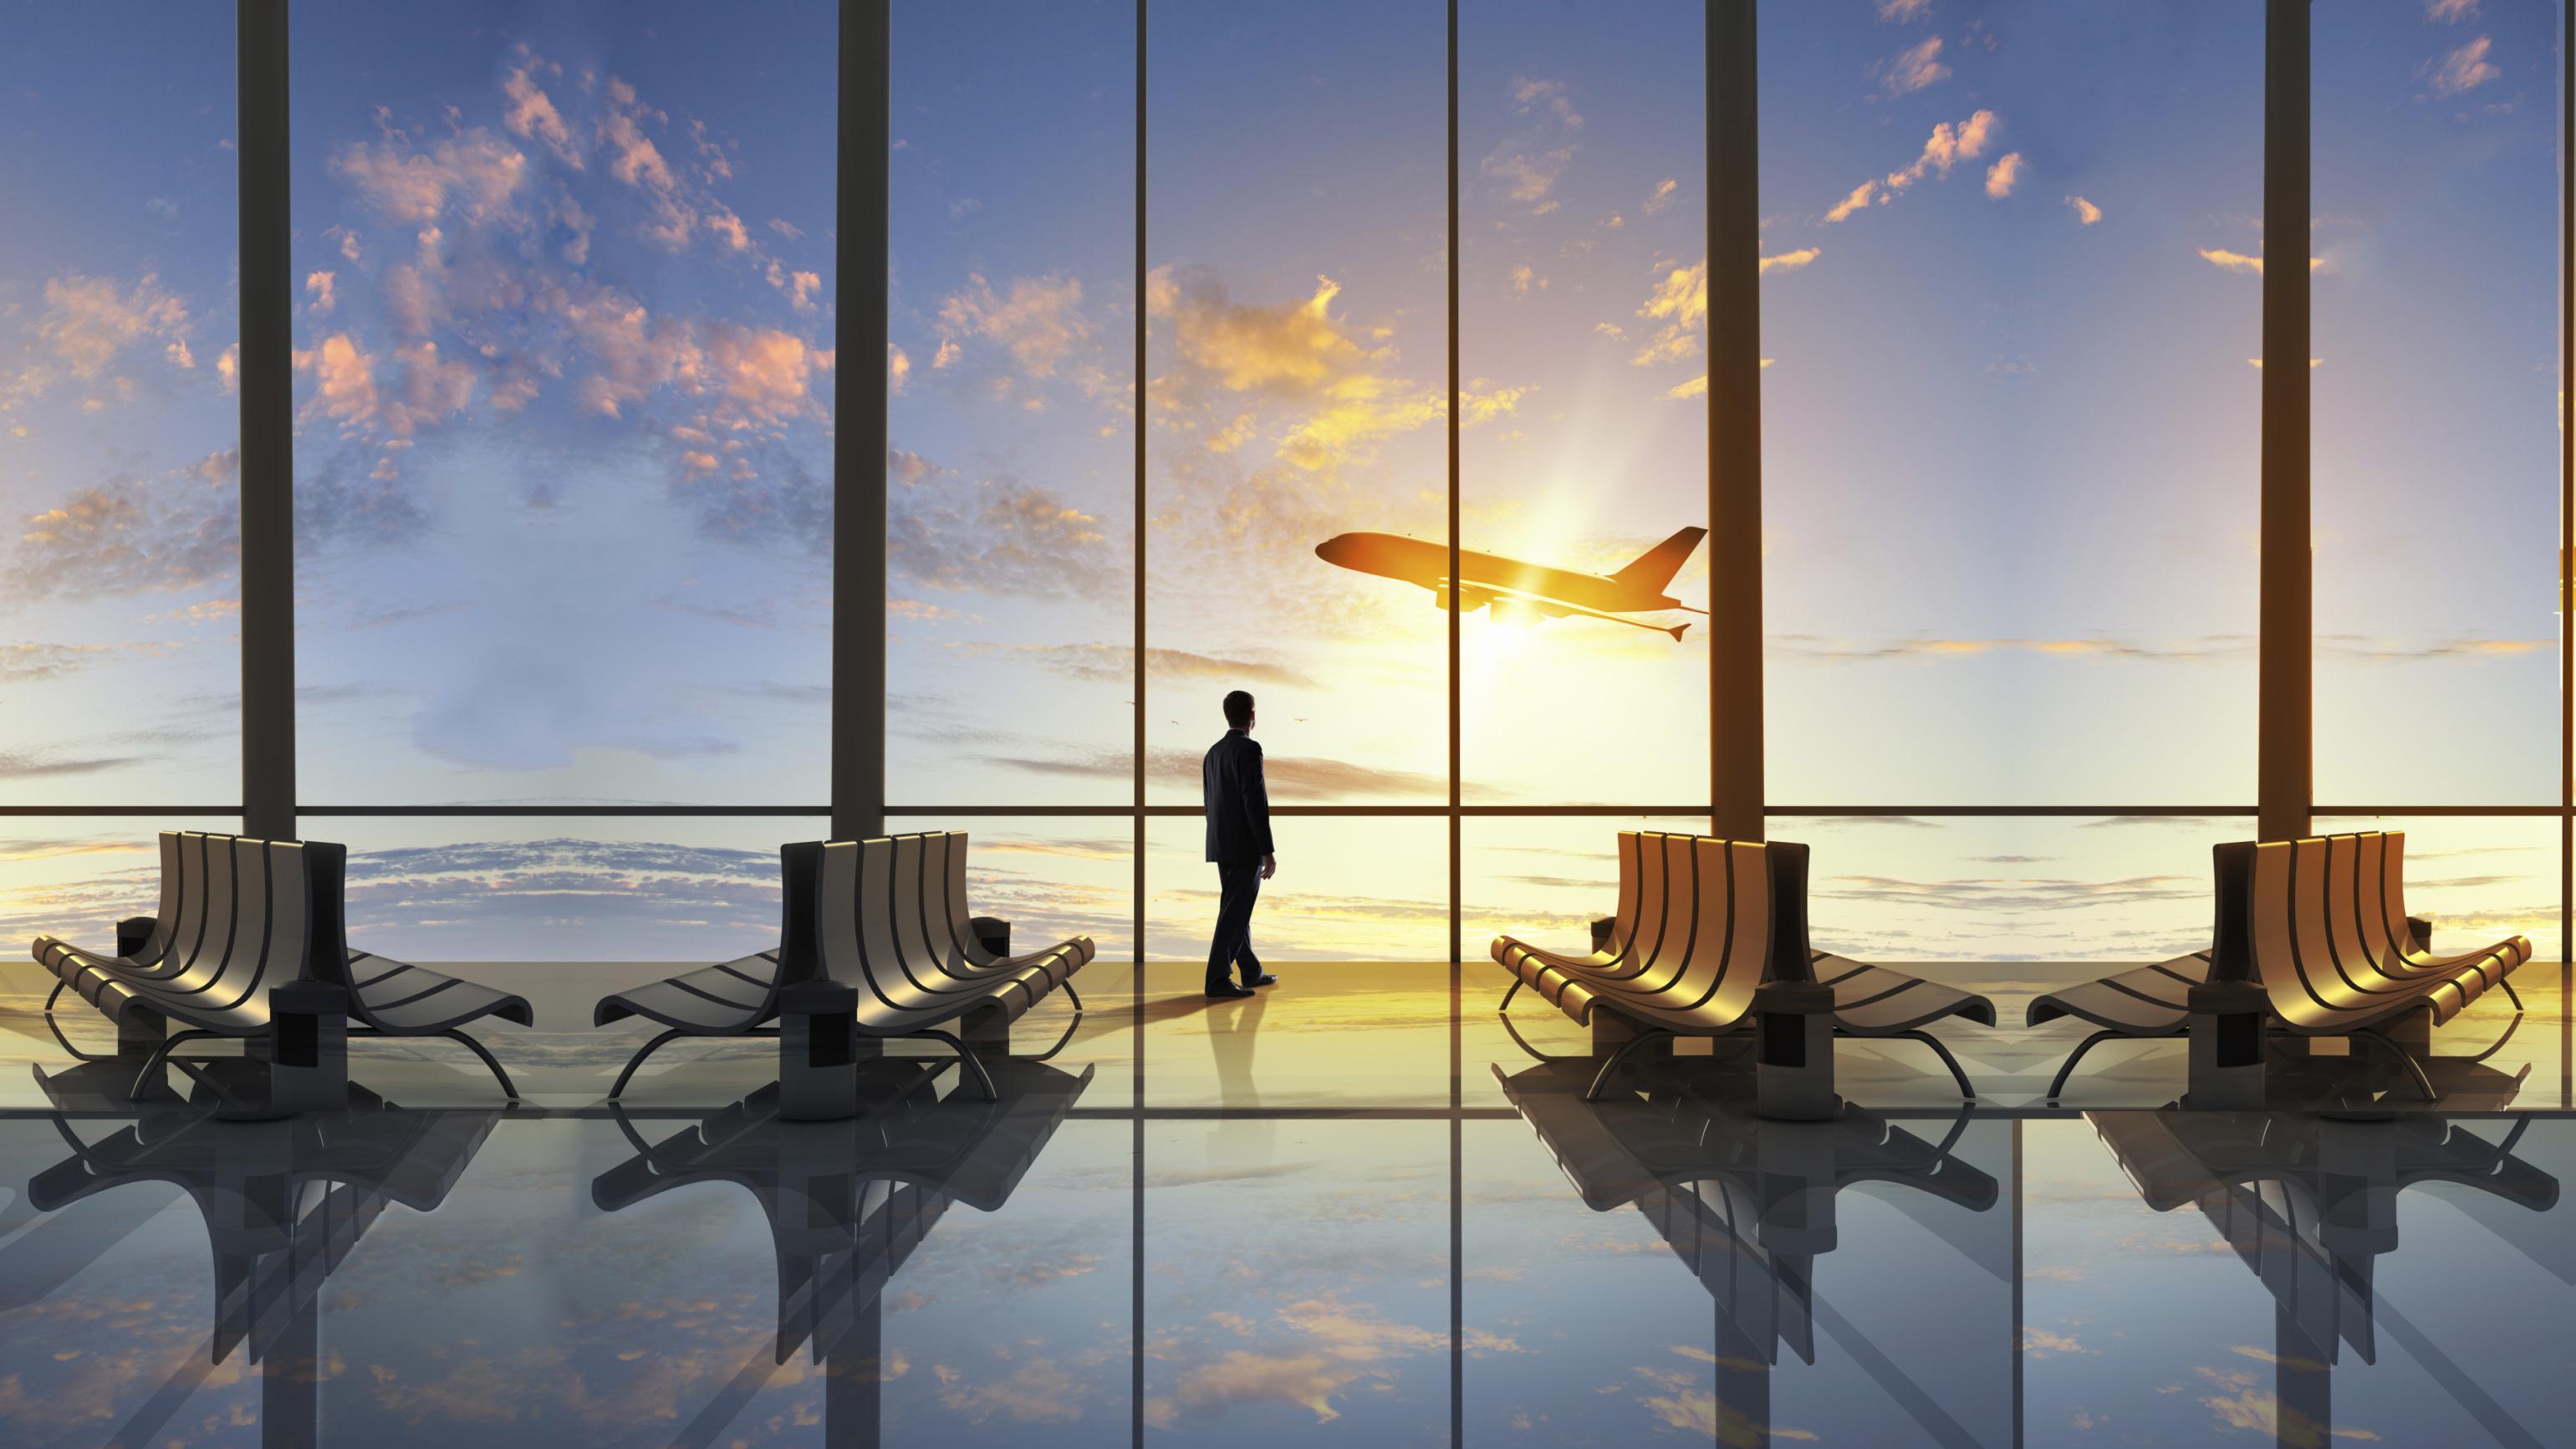 Залы ожидания в аэропортах